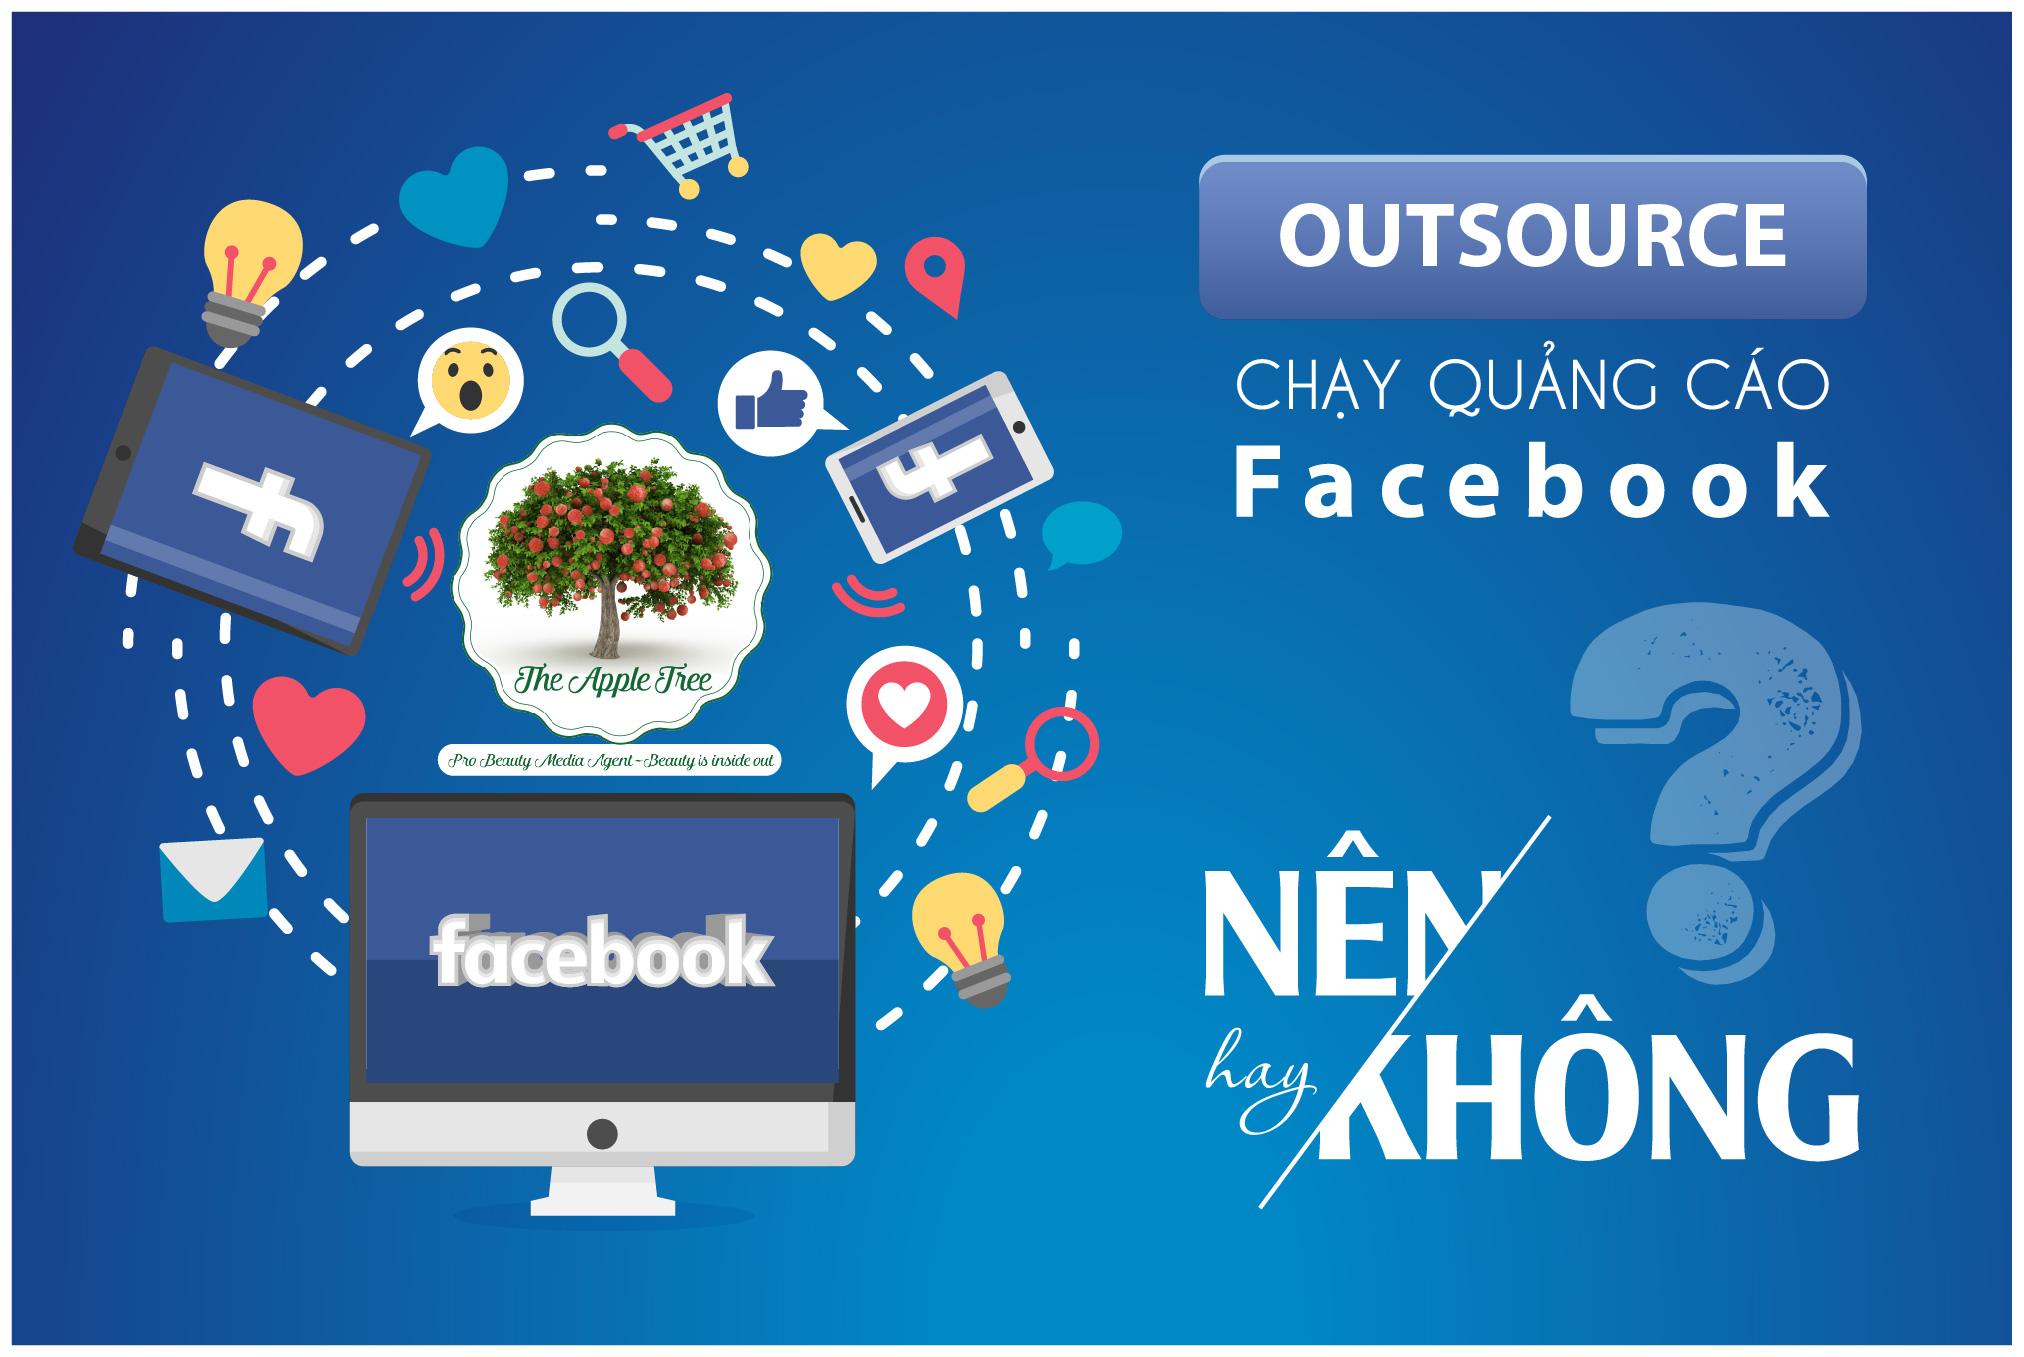 Có nên chạy quảng cáo Facebook trên thị trường cạnh tranh như hiện nay? - Tin tức marketing online